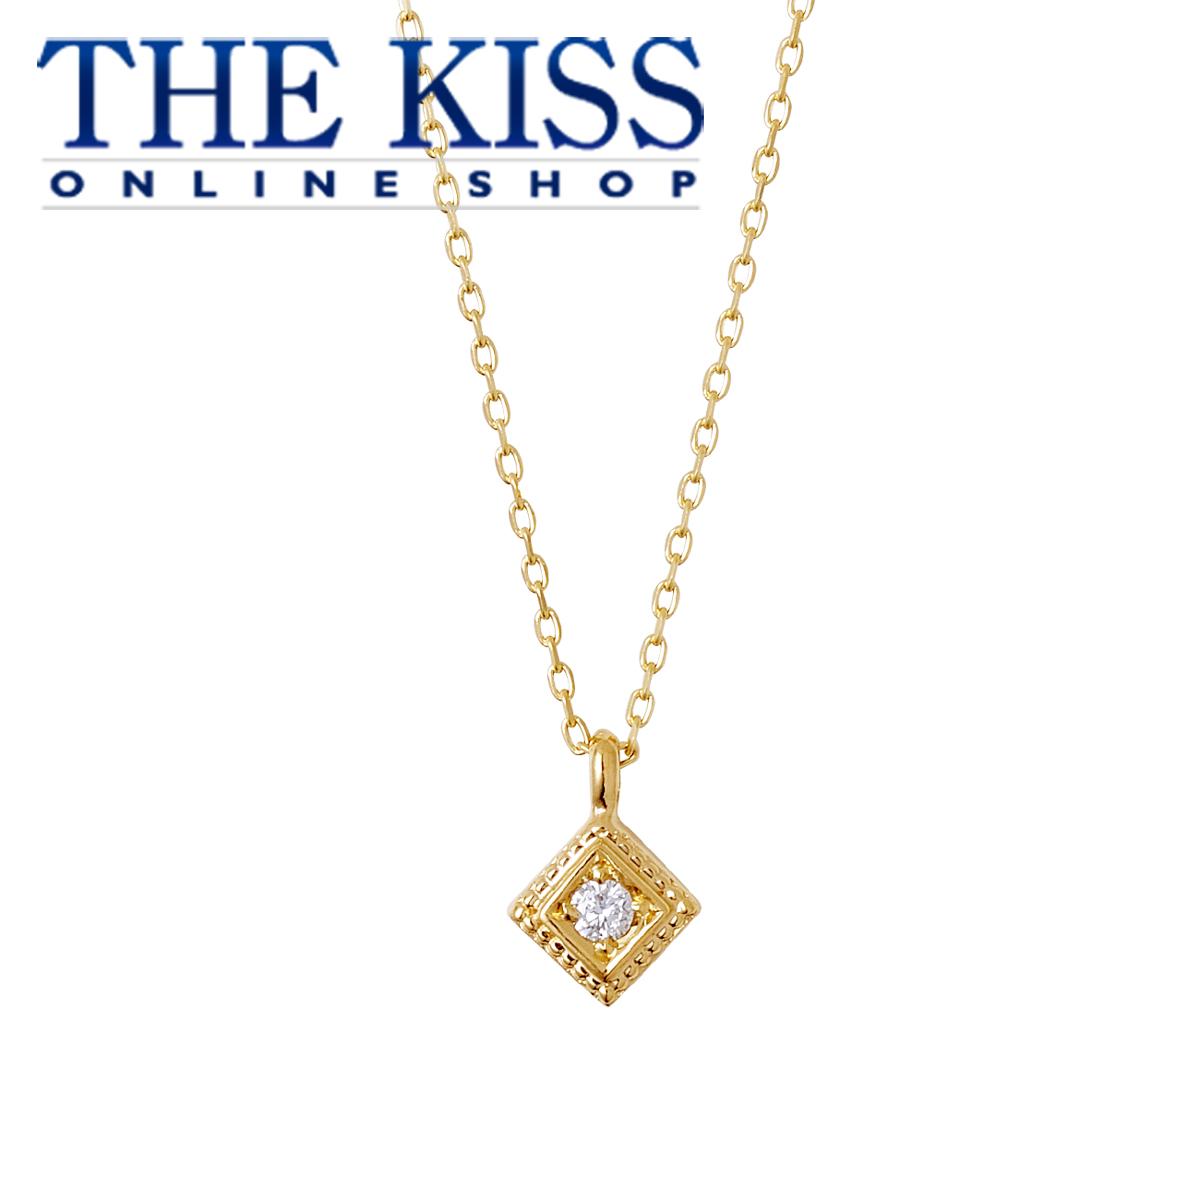 【ネット限定】【あす楽対応】【送料無料】【THEKISS】THE KISS 公式サイト K10イエローゴールド ネックレス レディースジュエリー・アクセサリー ジュエリーブランド THEKISS ネックレス LU-N2901YG ザキス